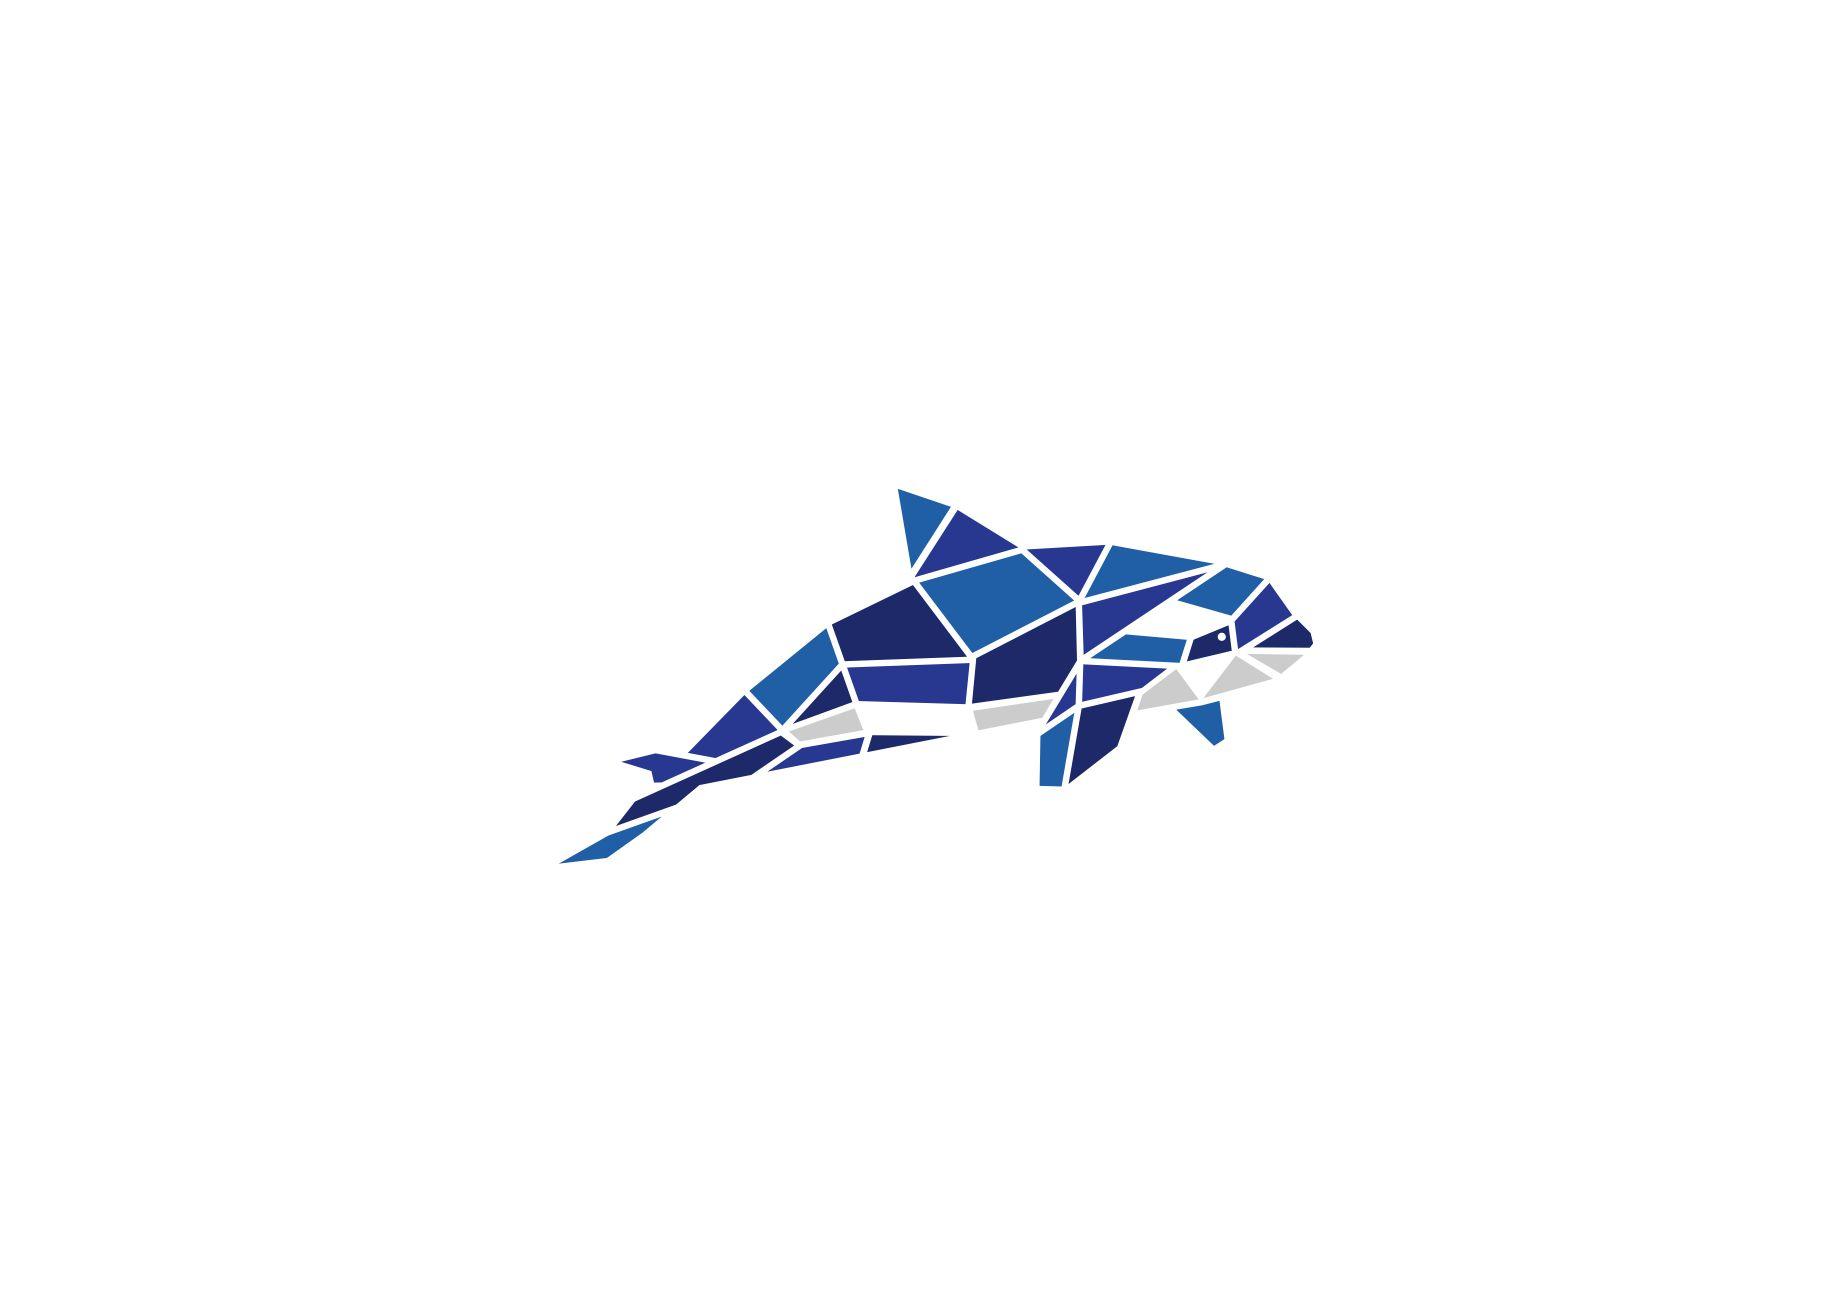 Разработка фирменного символа компании - касатки, НЕ ЛОГОТИП фото f_2935afefec54f791.jpg